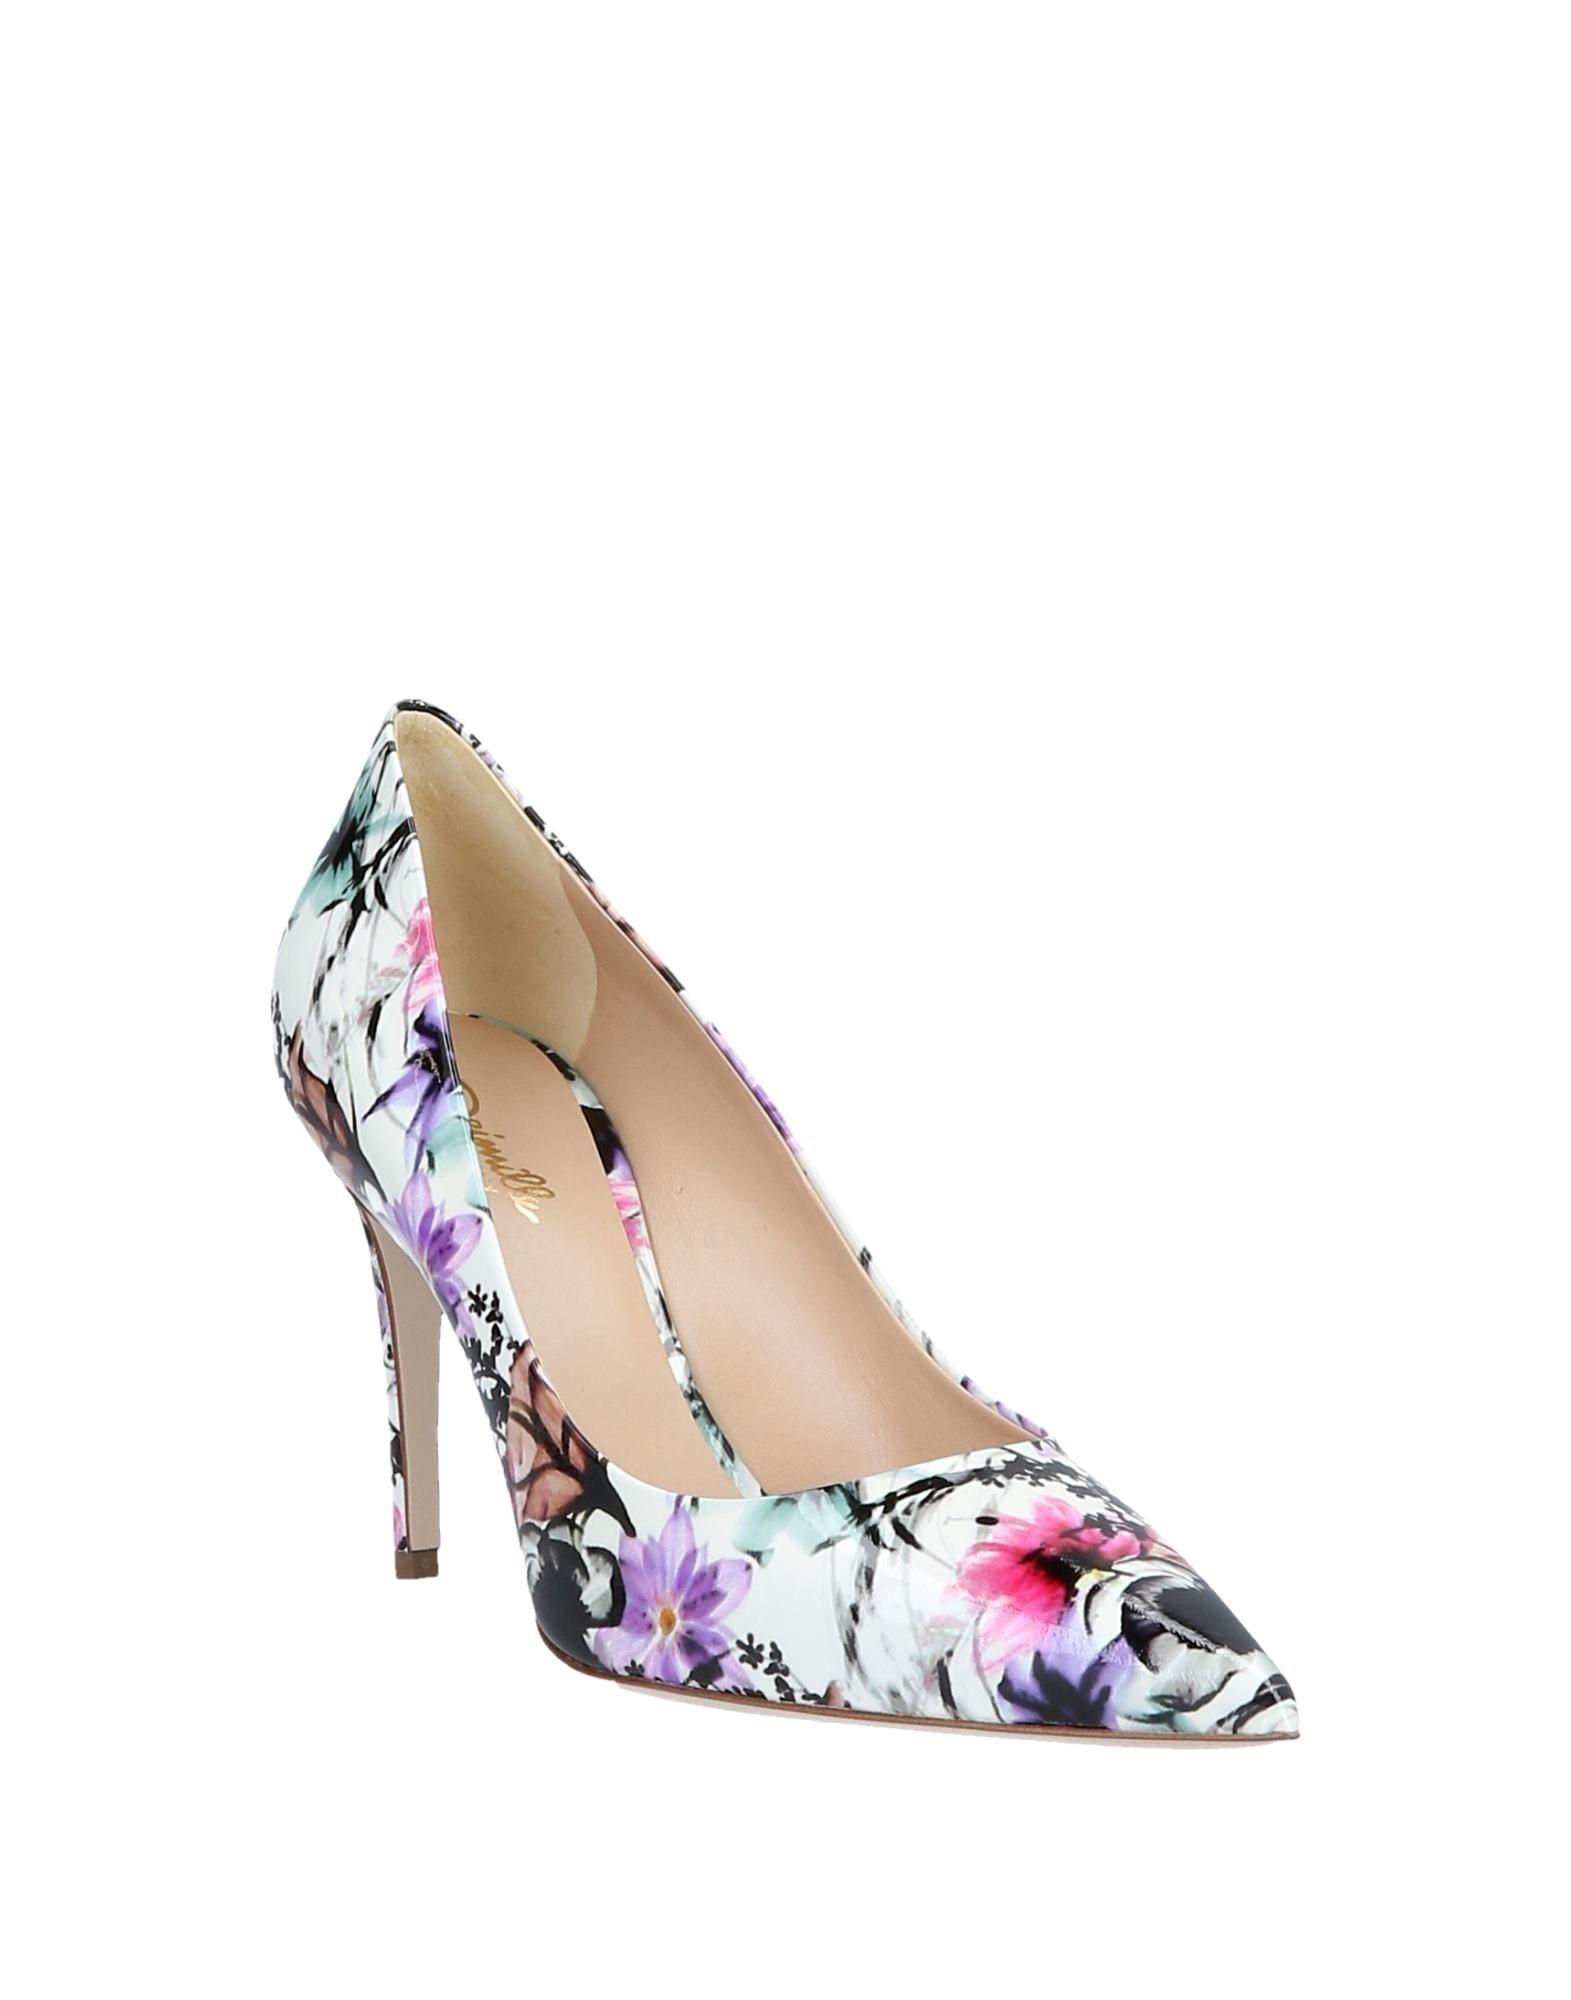 Stilvolle Damen billige Schuhe Deimille Pumps Damen Stilvolle  11552443TJ 6fbee1